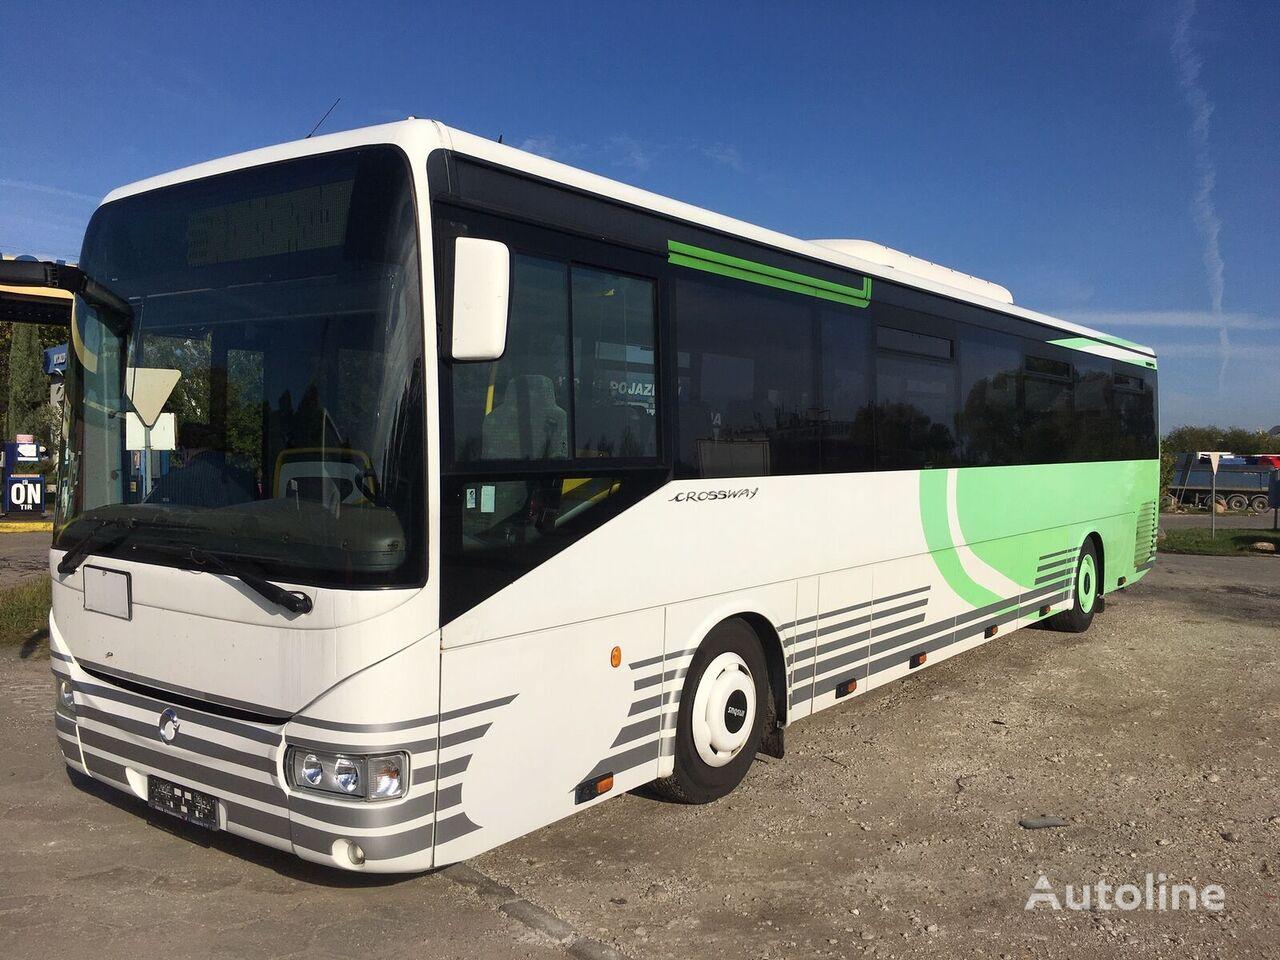 IRISBUS Crossway  interurban bus